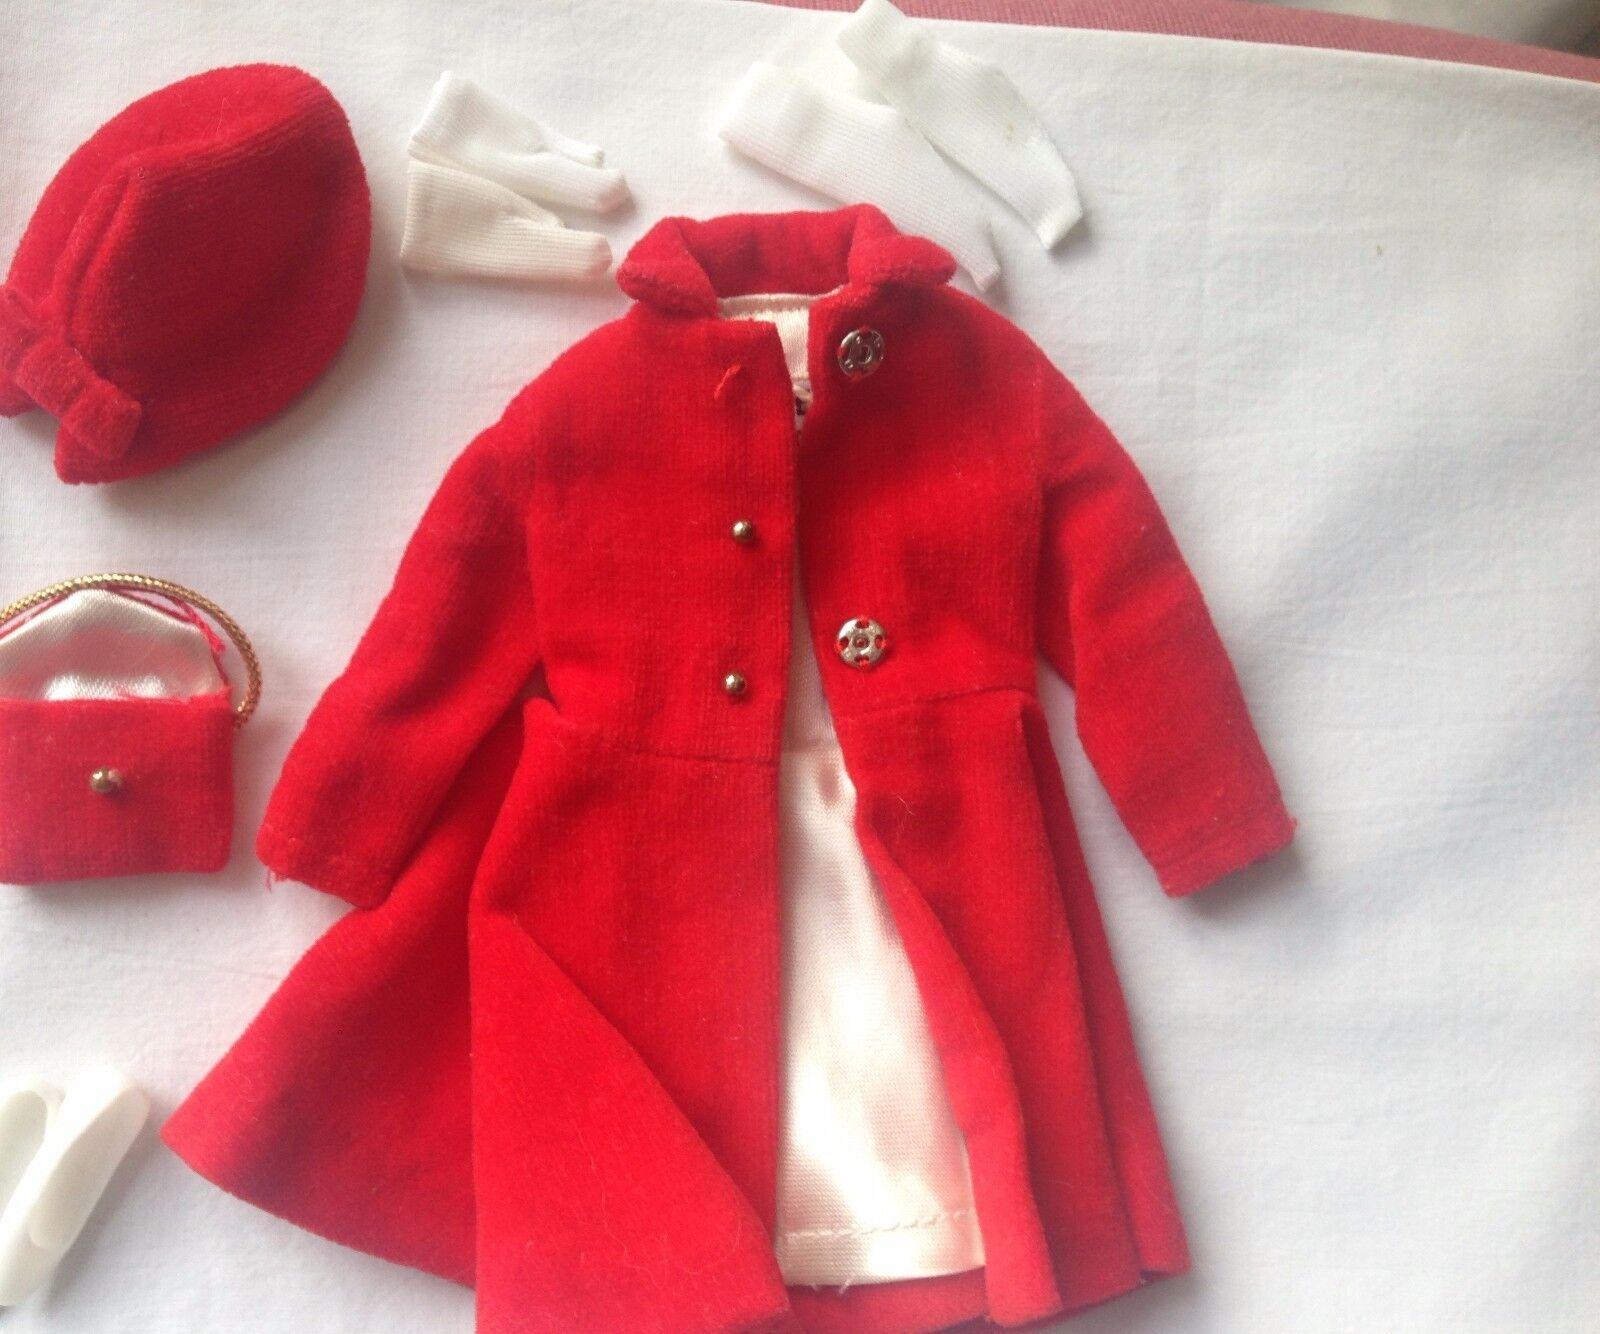 fino al 42% di sconto ORIGINAL BARBIE VINTAGE CLOTH - - -     1906 SKIPPER  Dress Coat  il più economico